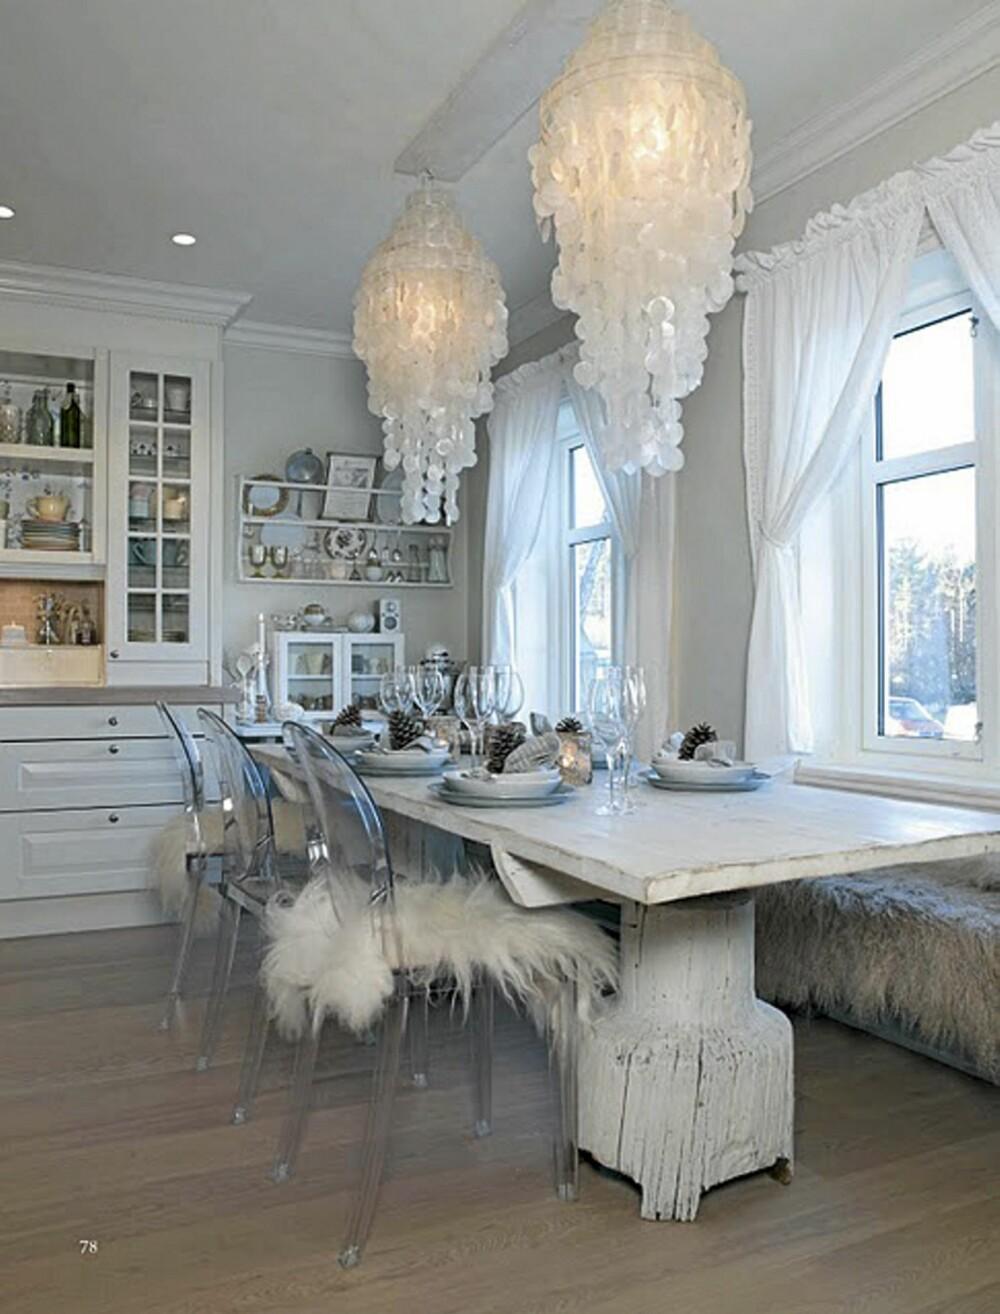 VINNER: Villa Von Krogh med sitt herskapelige kjøkken ble vinneren av utfordringen denne gangen.